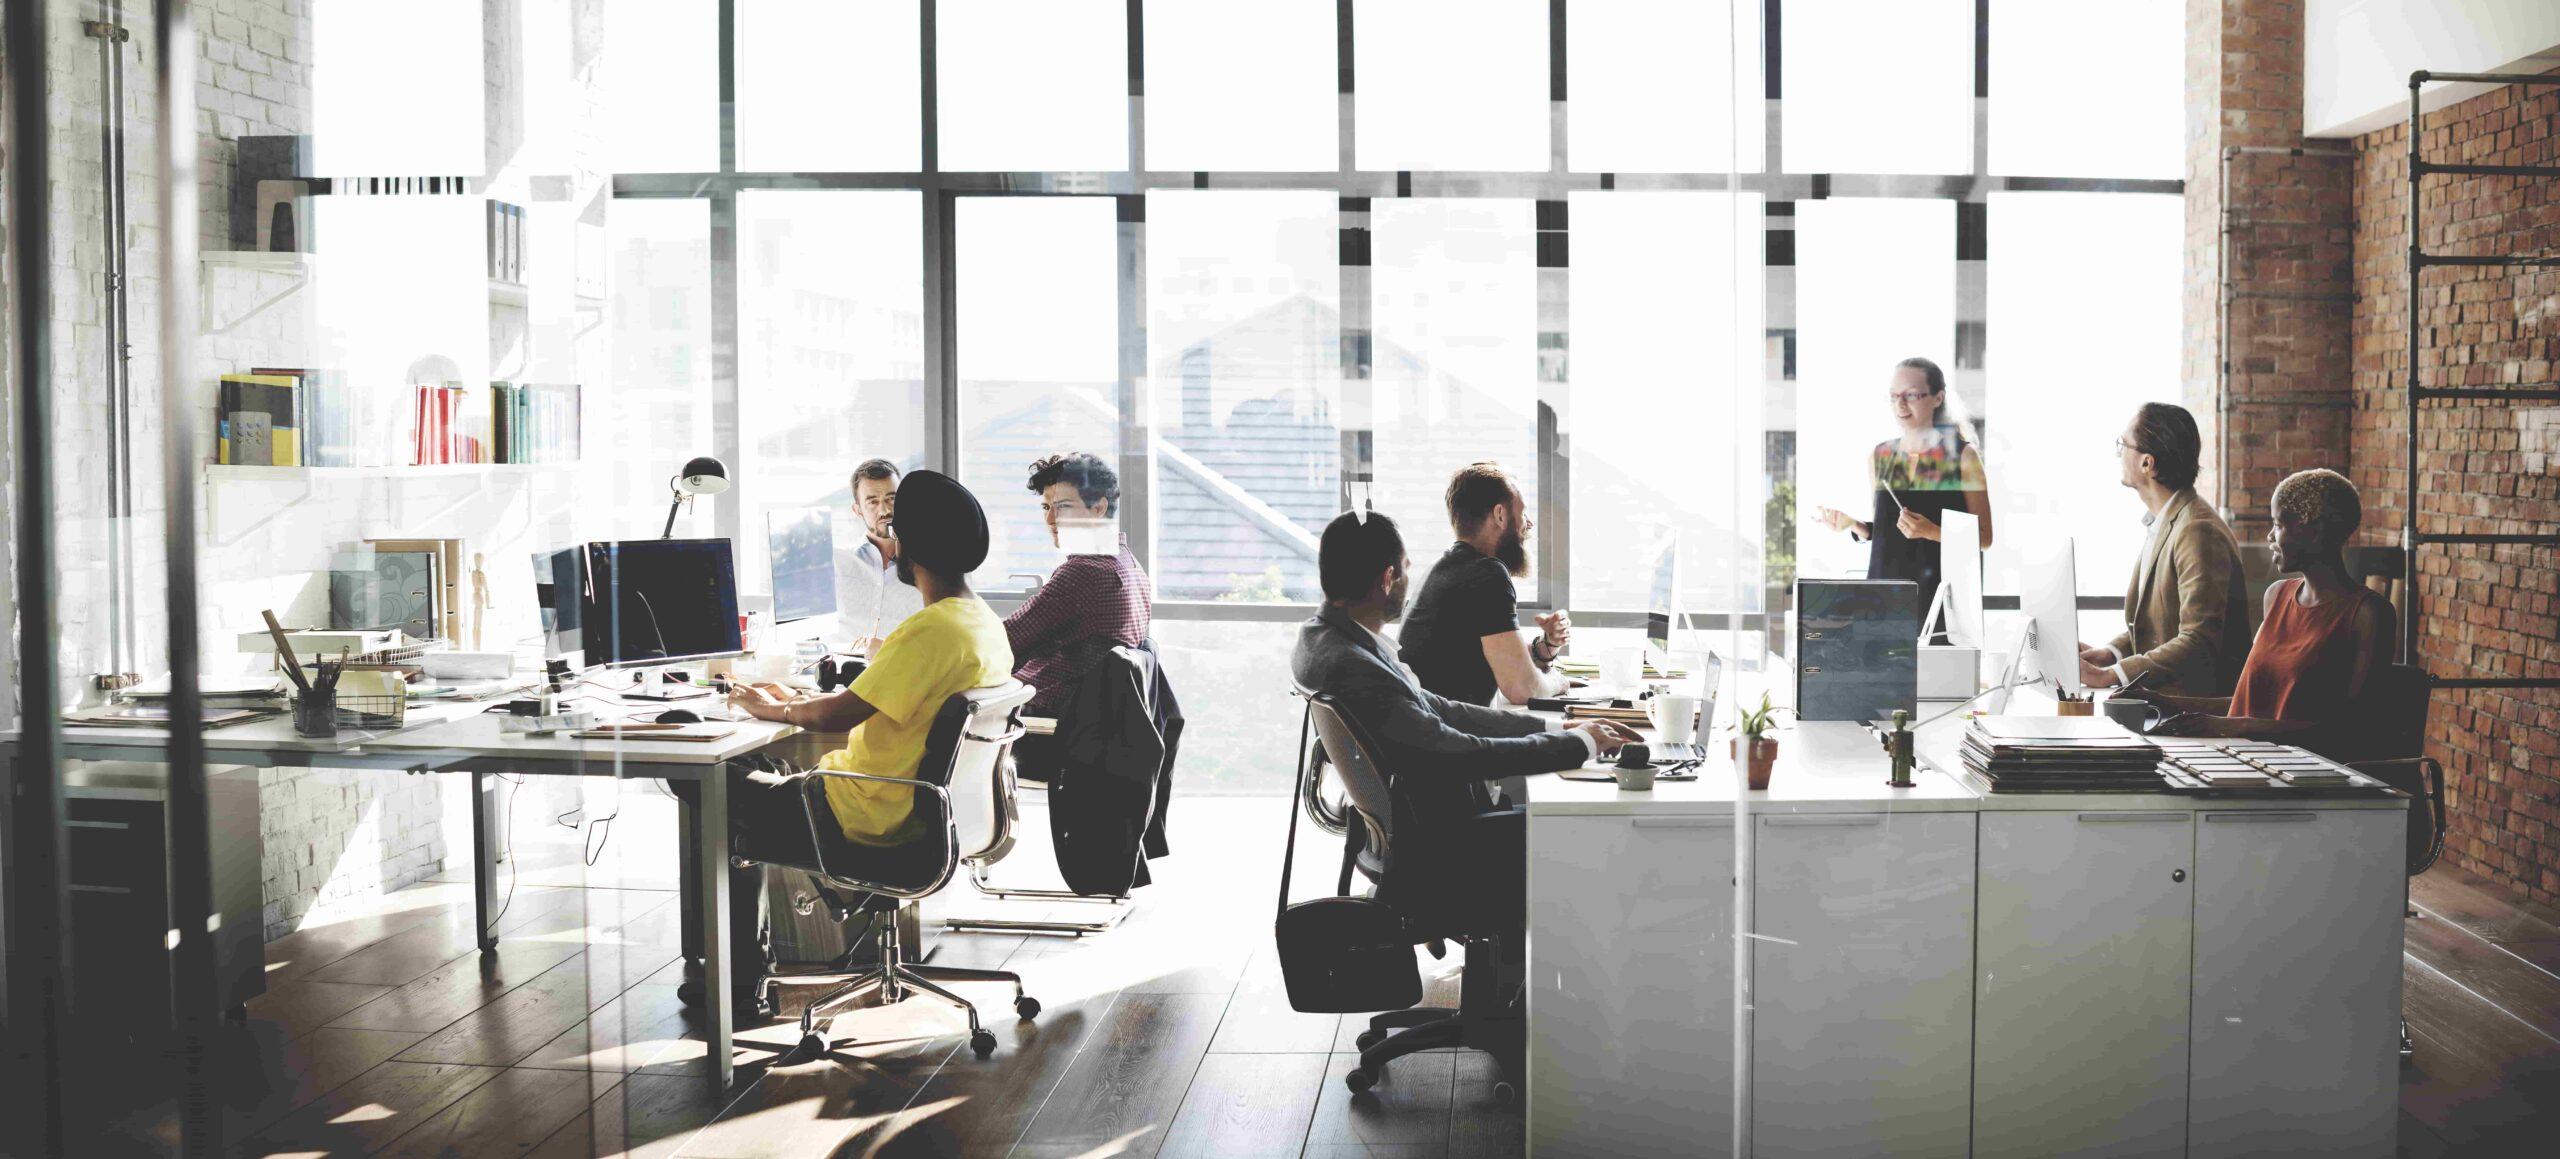 オフィス環境やレイアウトと、新卒採用の関係性